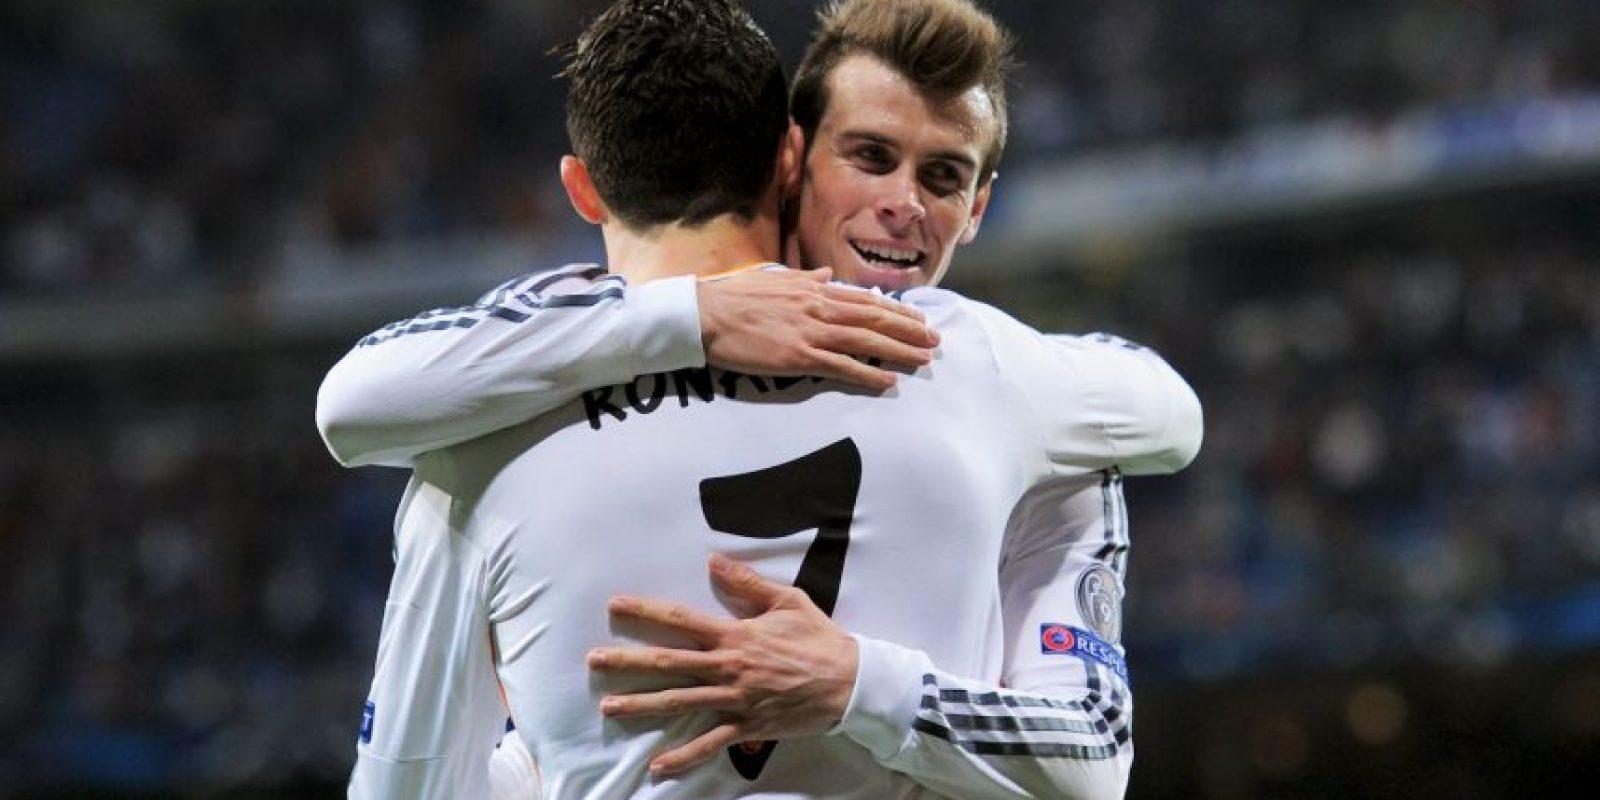 En el Real Madrid no se imaginan un futuro sin Gareth Bale y Cristiano Ronaldo. Foto:Getty Images